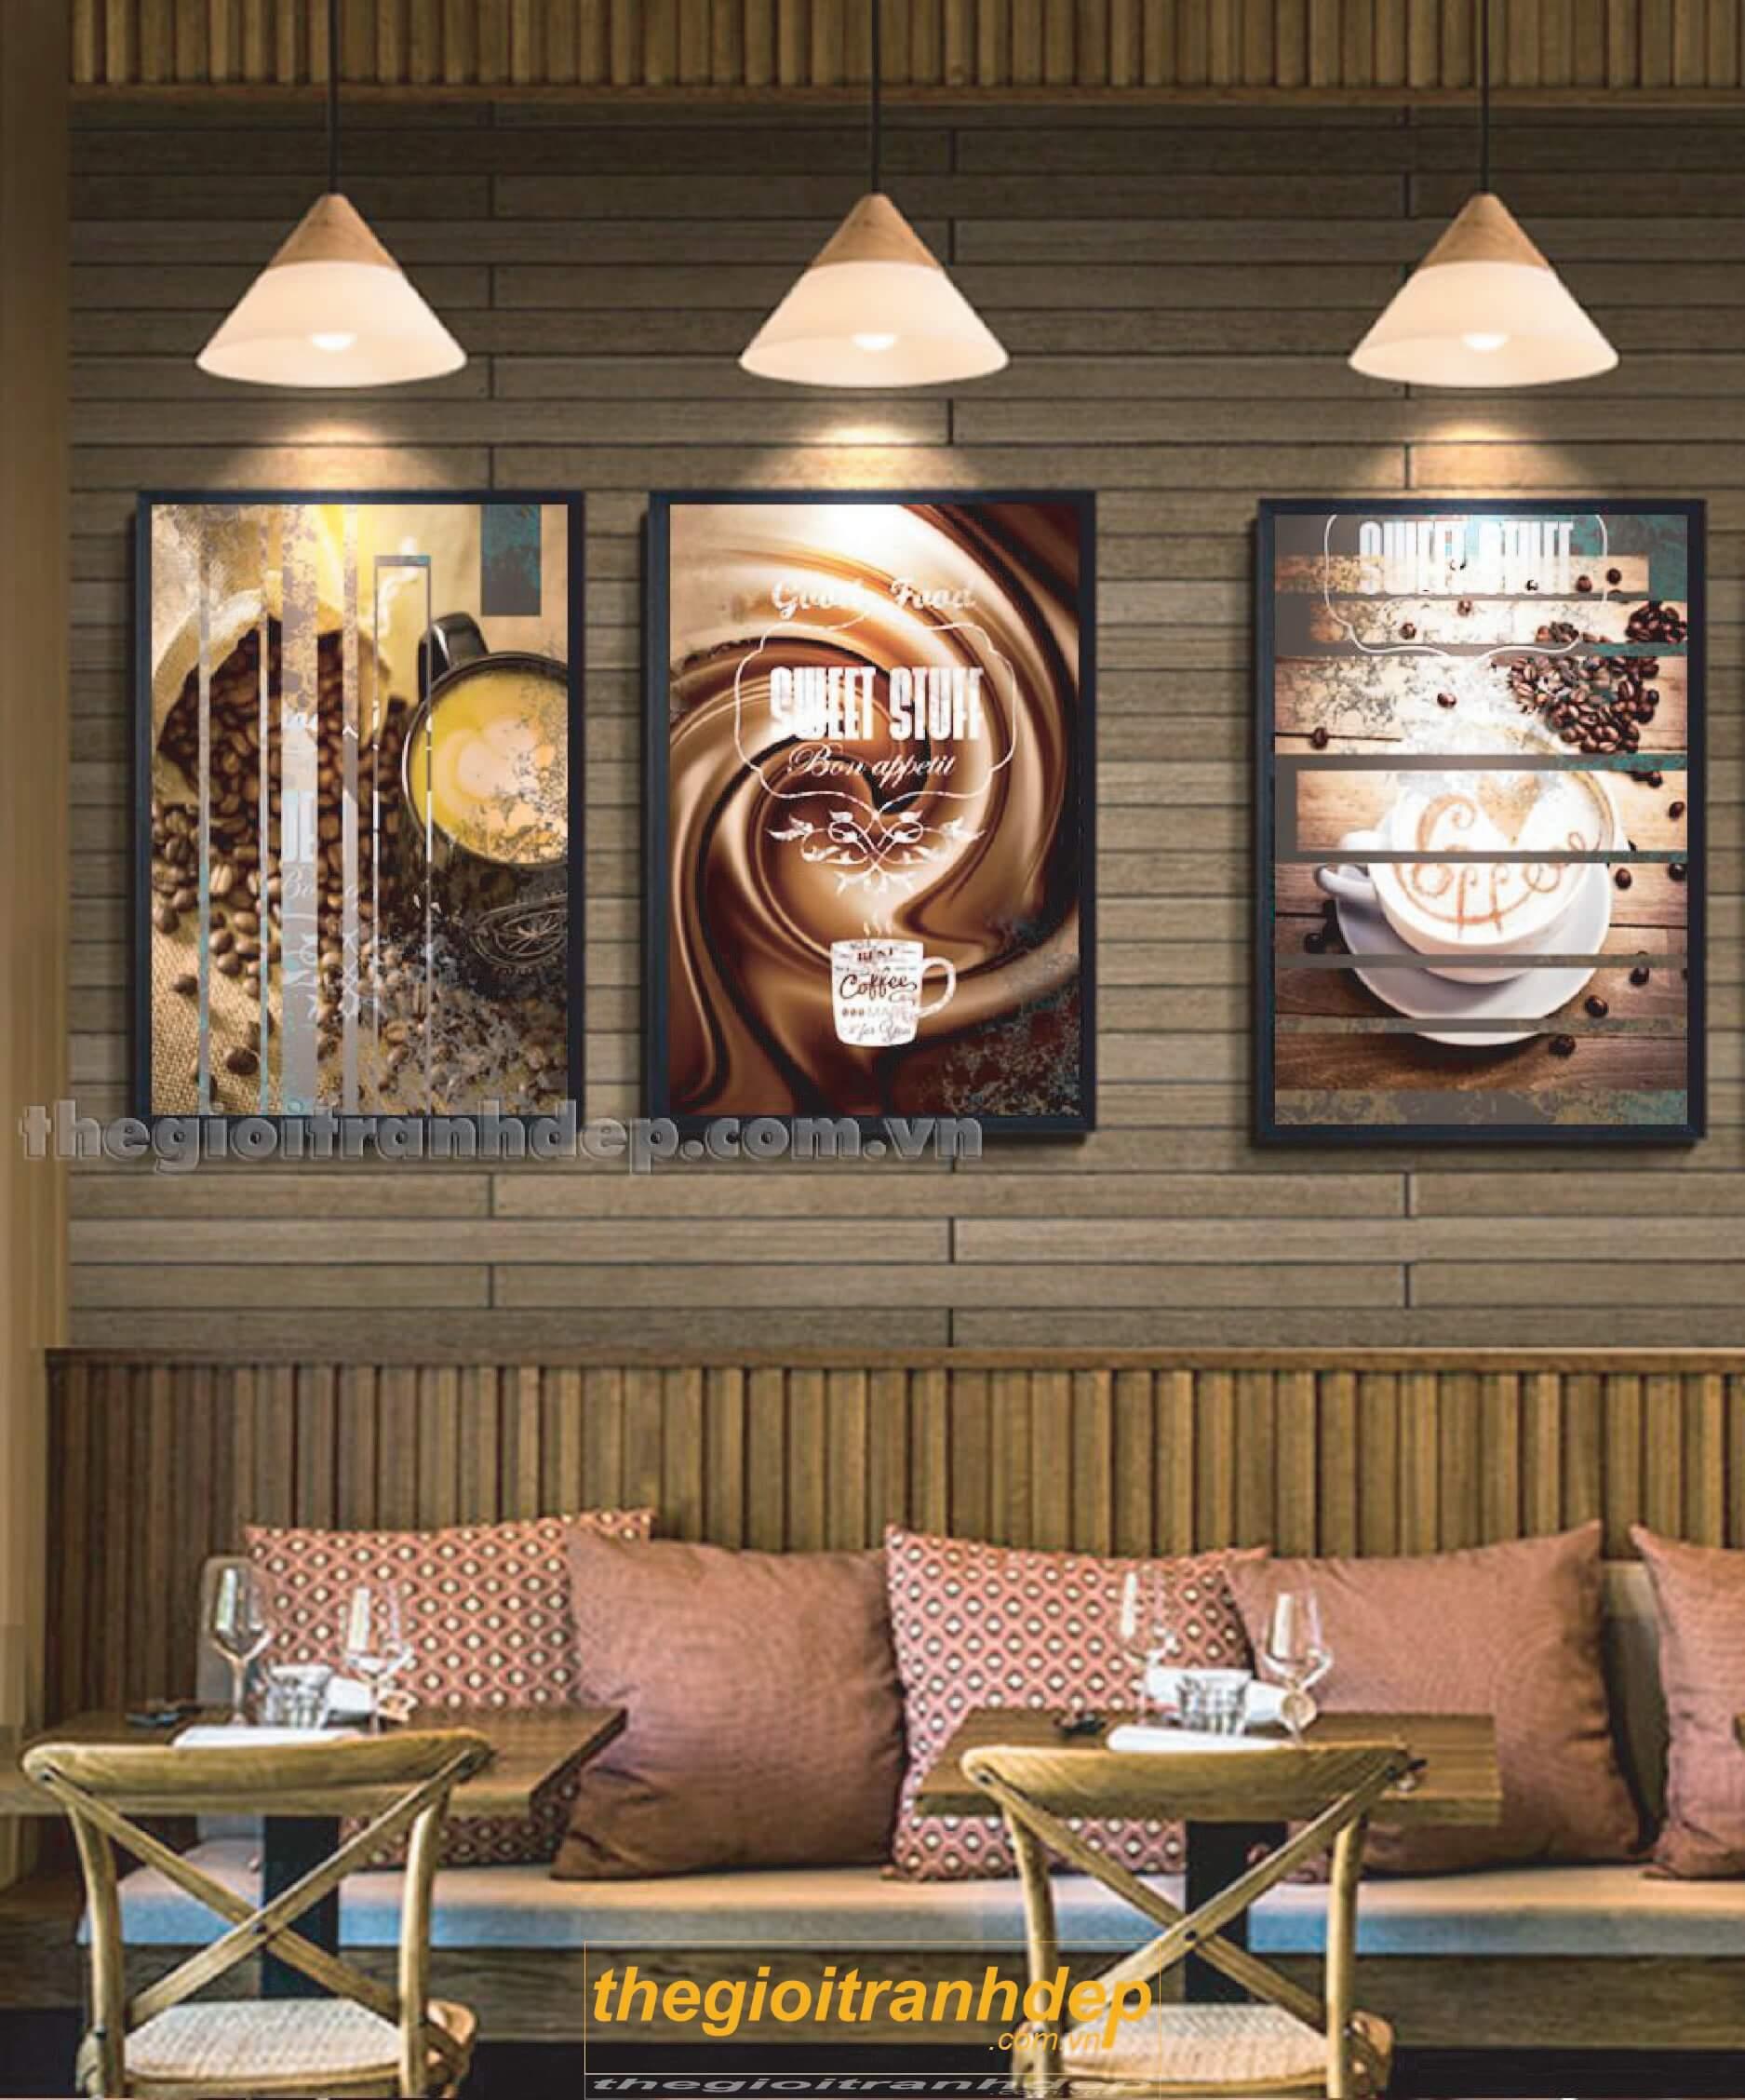 tranh-treo-tuong-quan-cafe